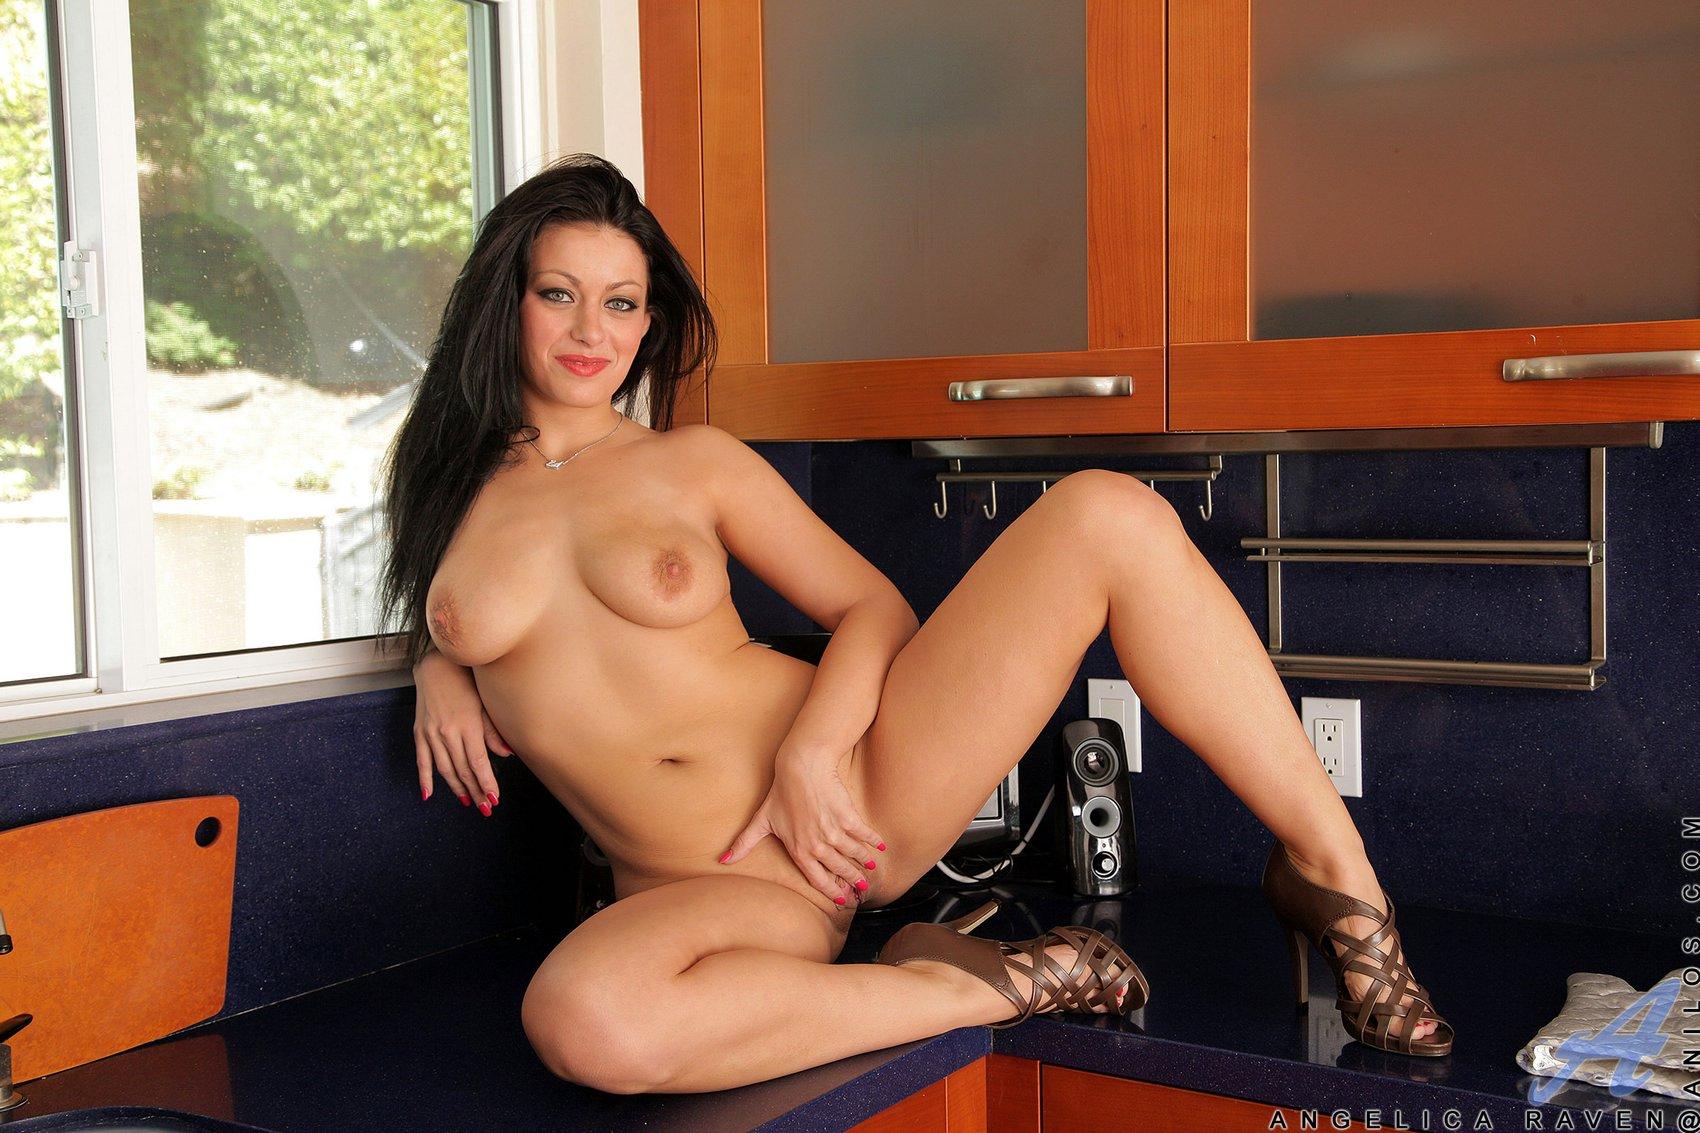 Angelica raven порно актриса